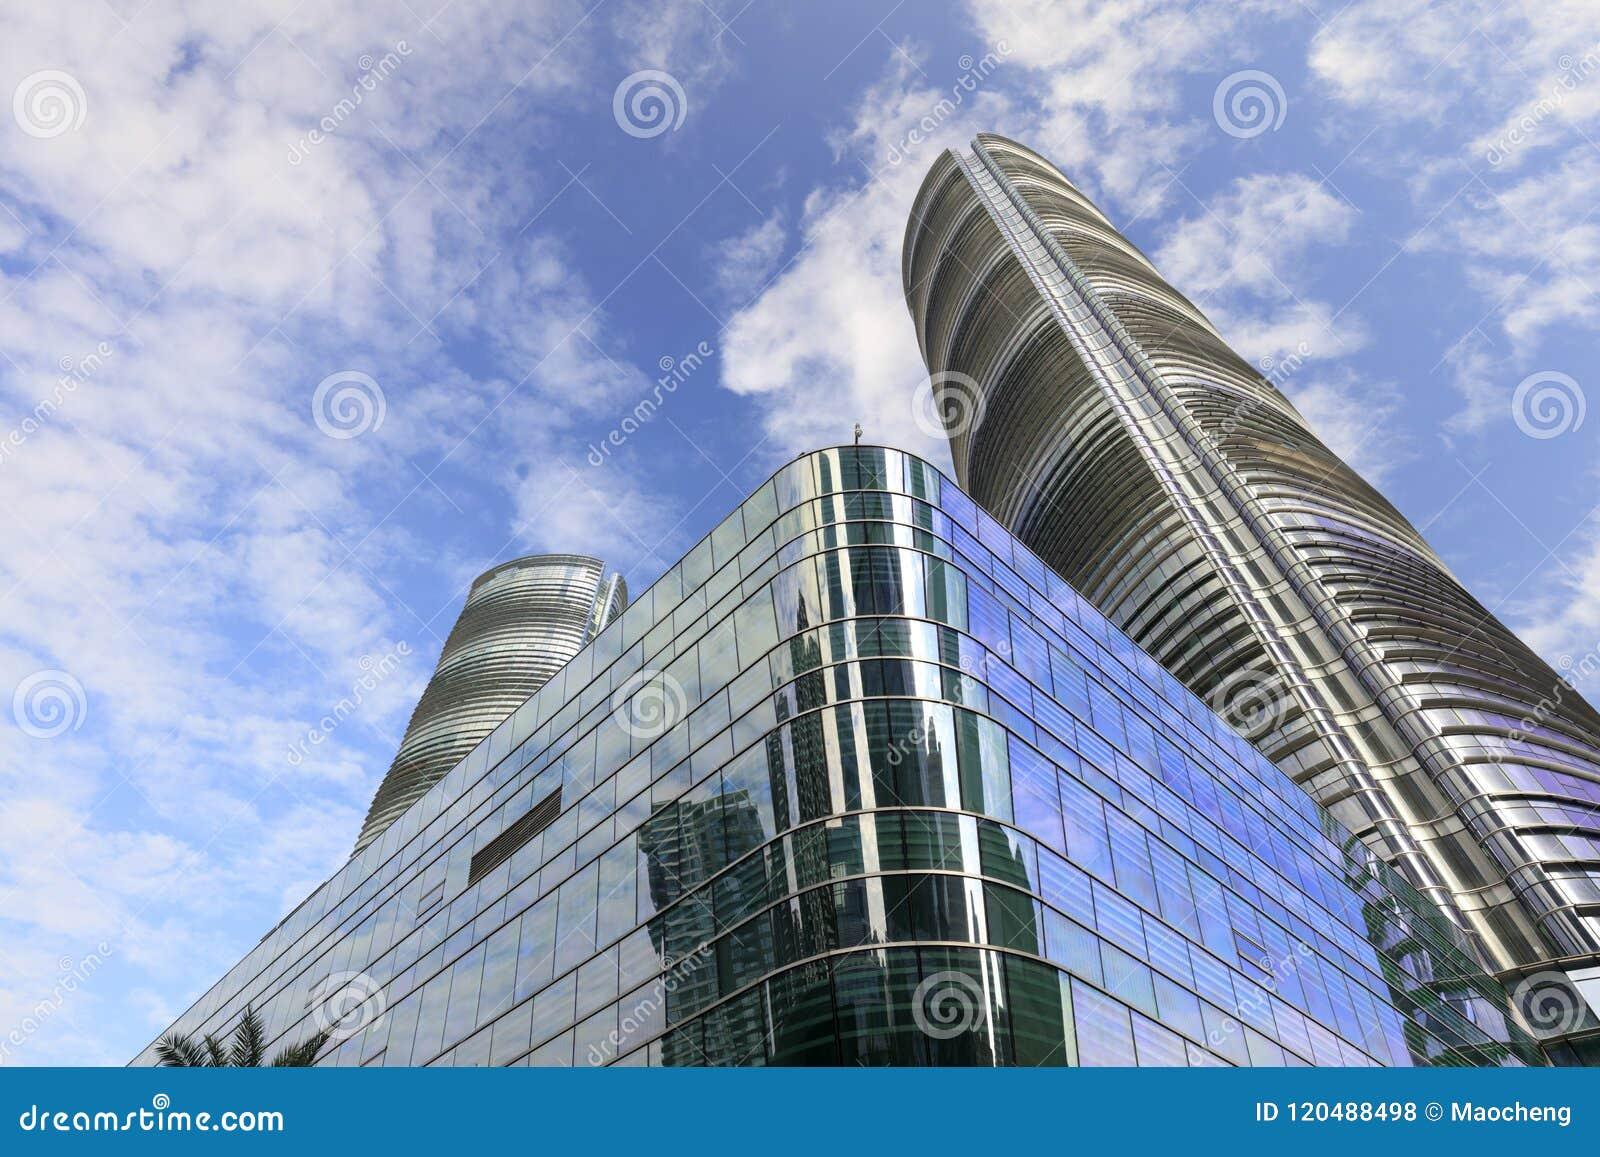 Die Glaszwischenwandwolkenkratzer im guanyinshan cbd, luftgetrockneter Ziegelstein rgb